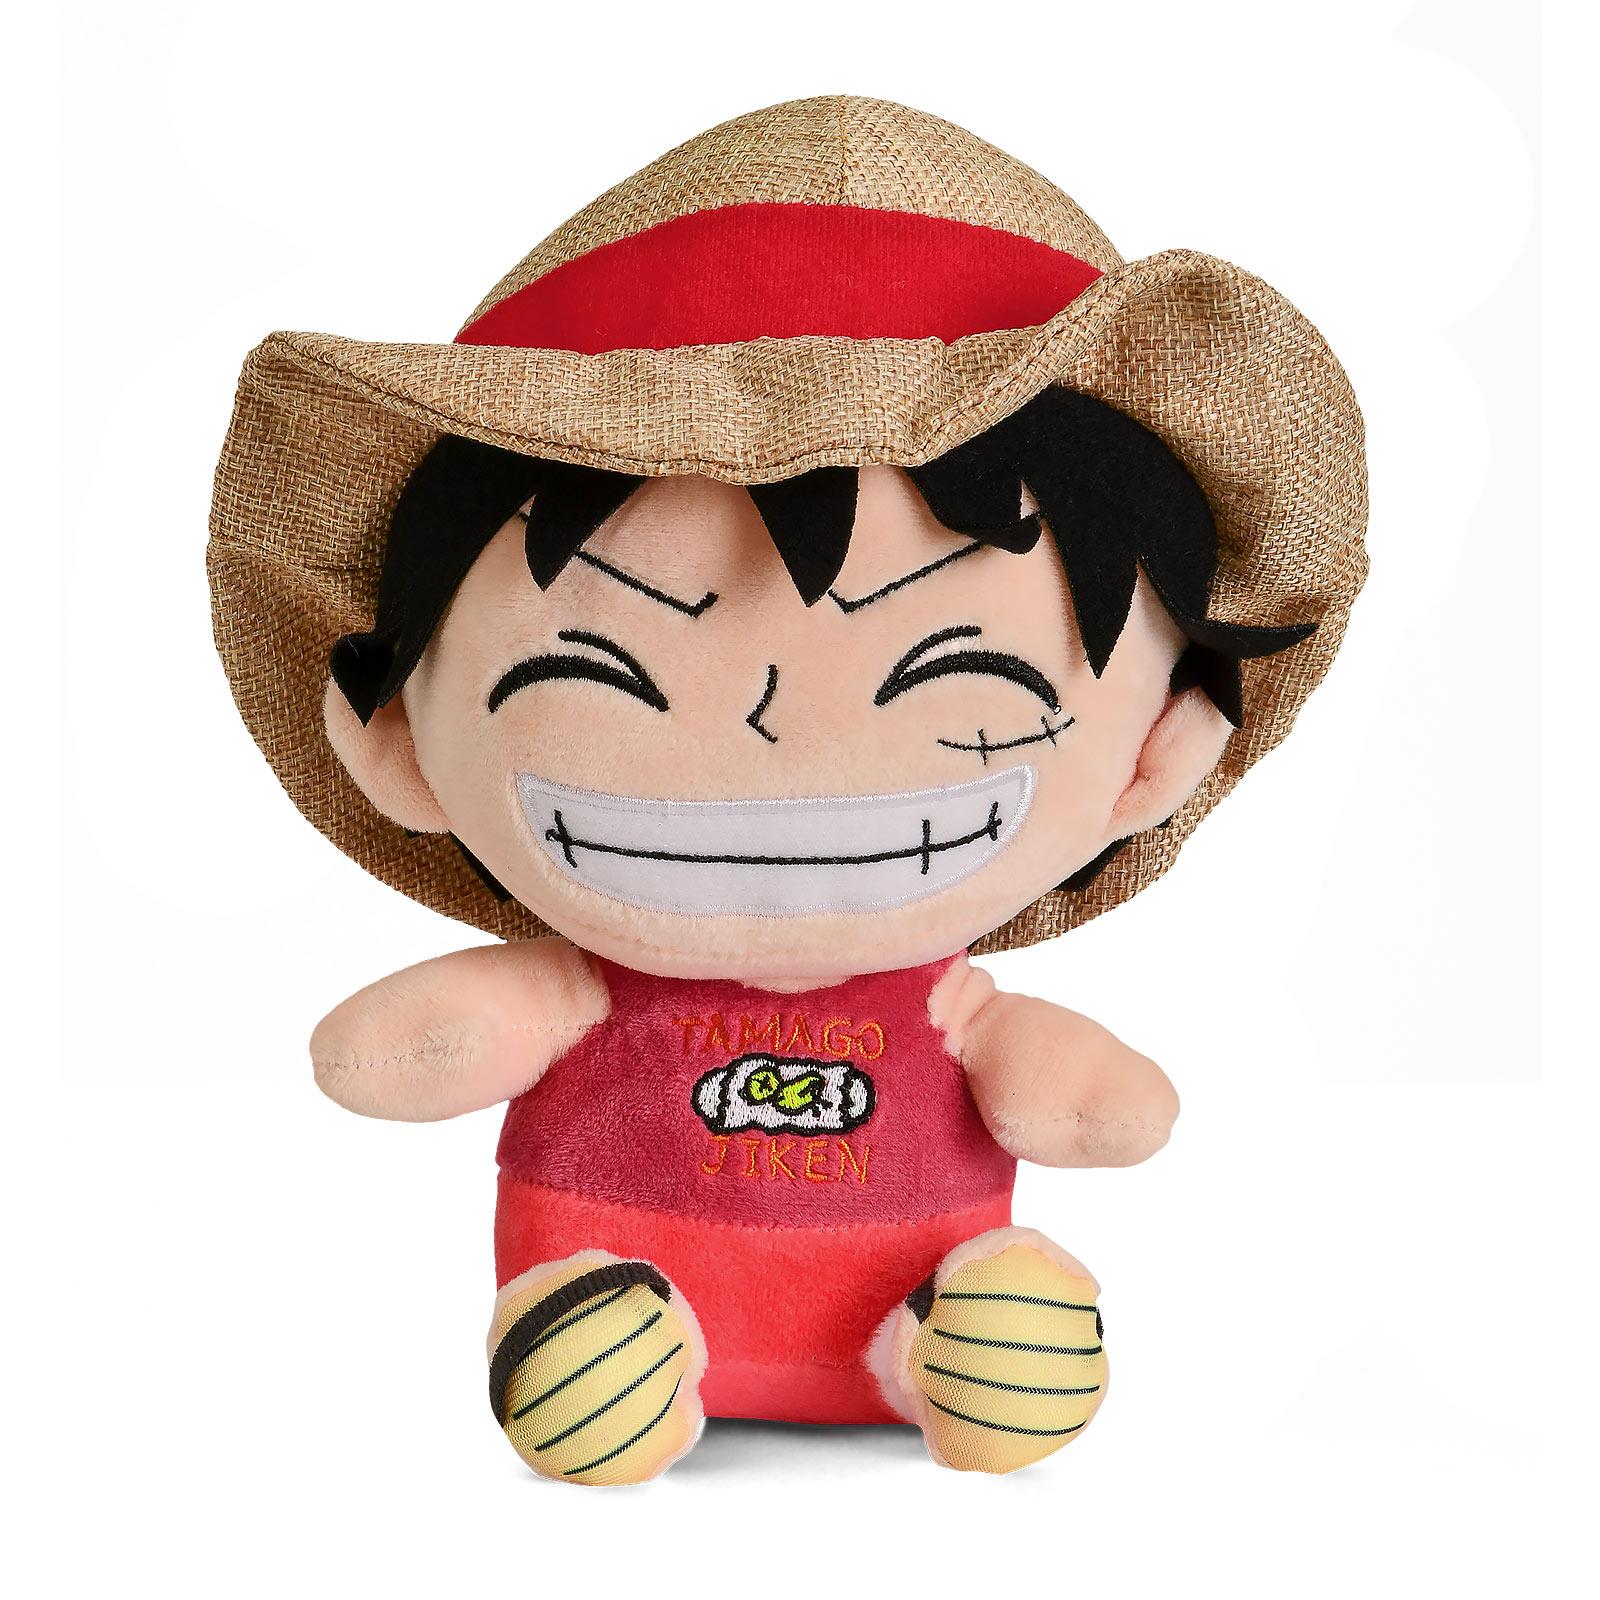 One Piece - Ruffy Plüsch Figur 20 cm